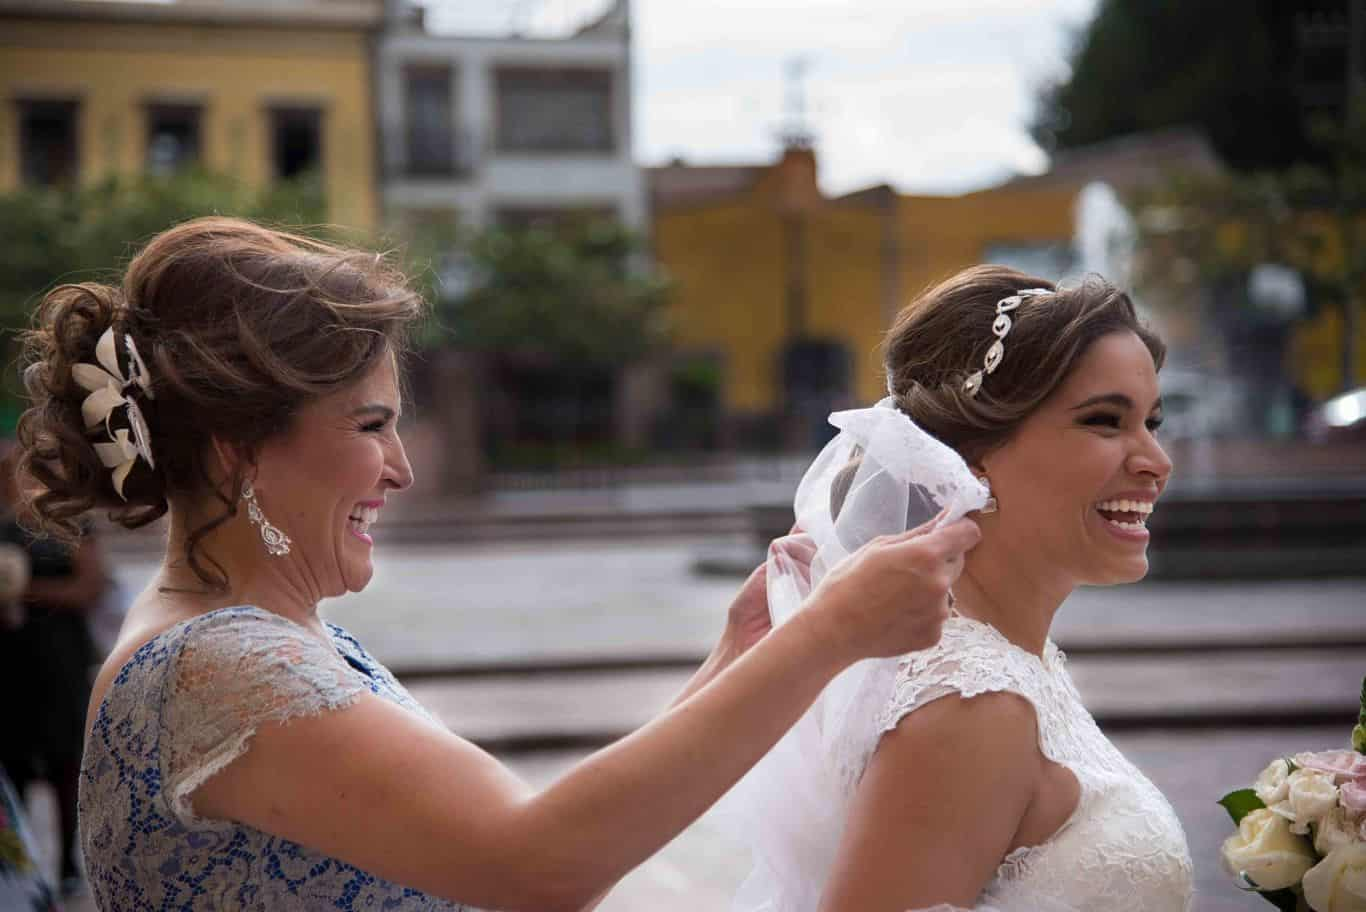 Fotografía de bodas documental, fotoperiodismo de bodas. Gorka Asteinza